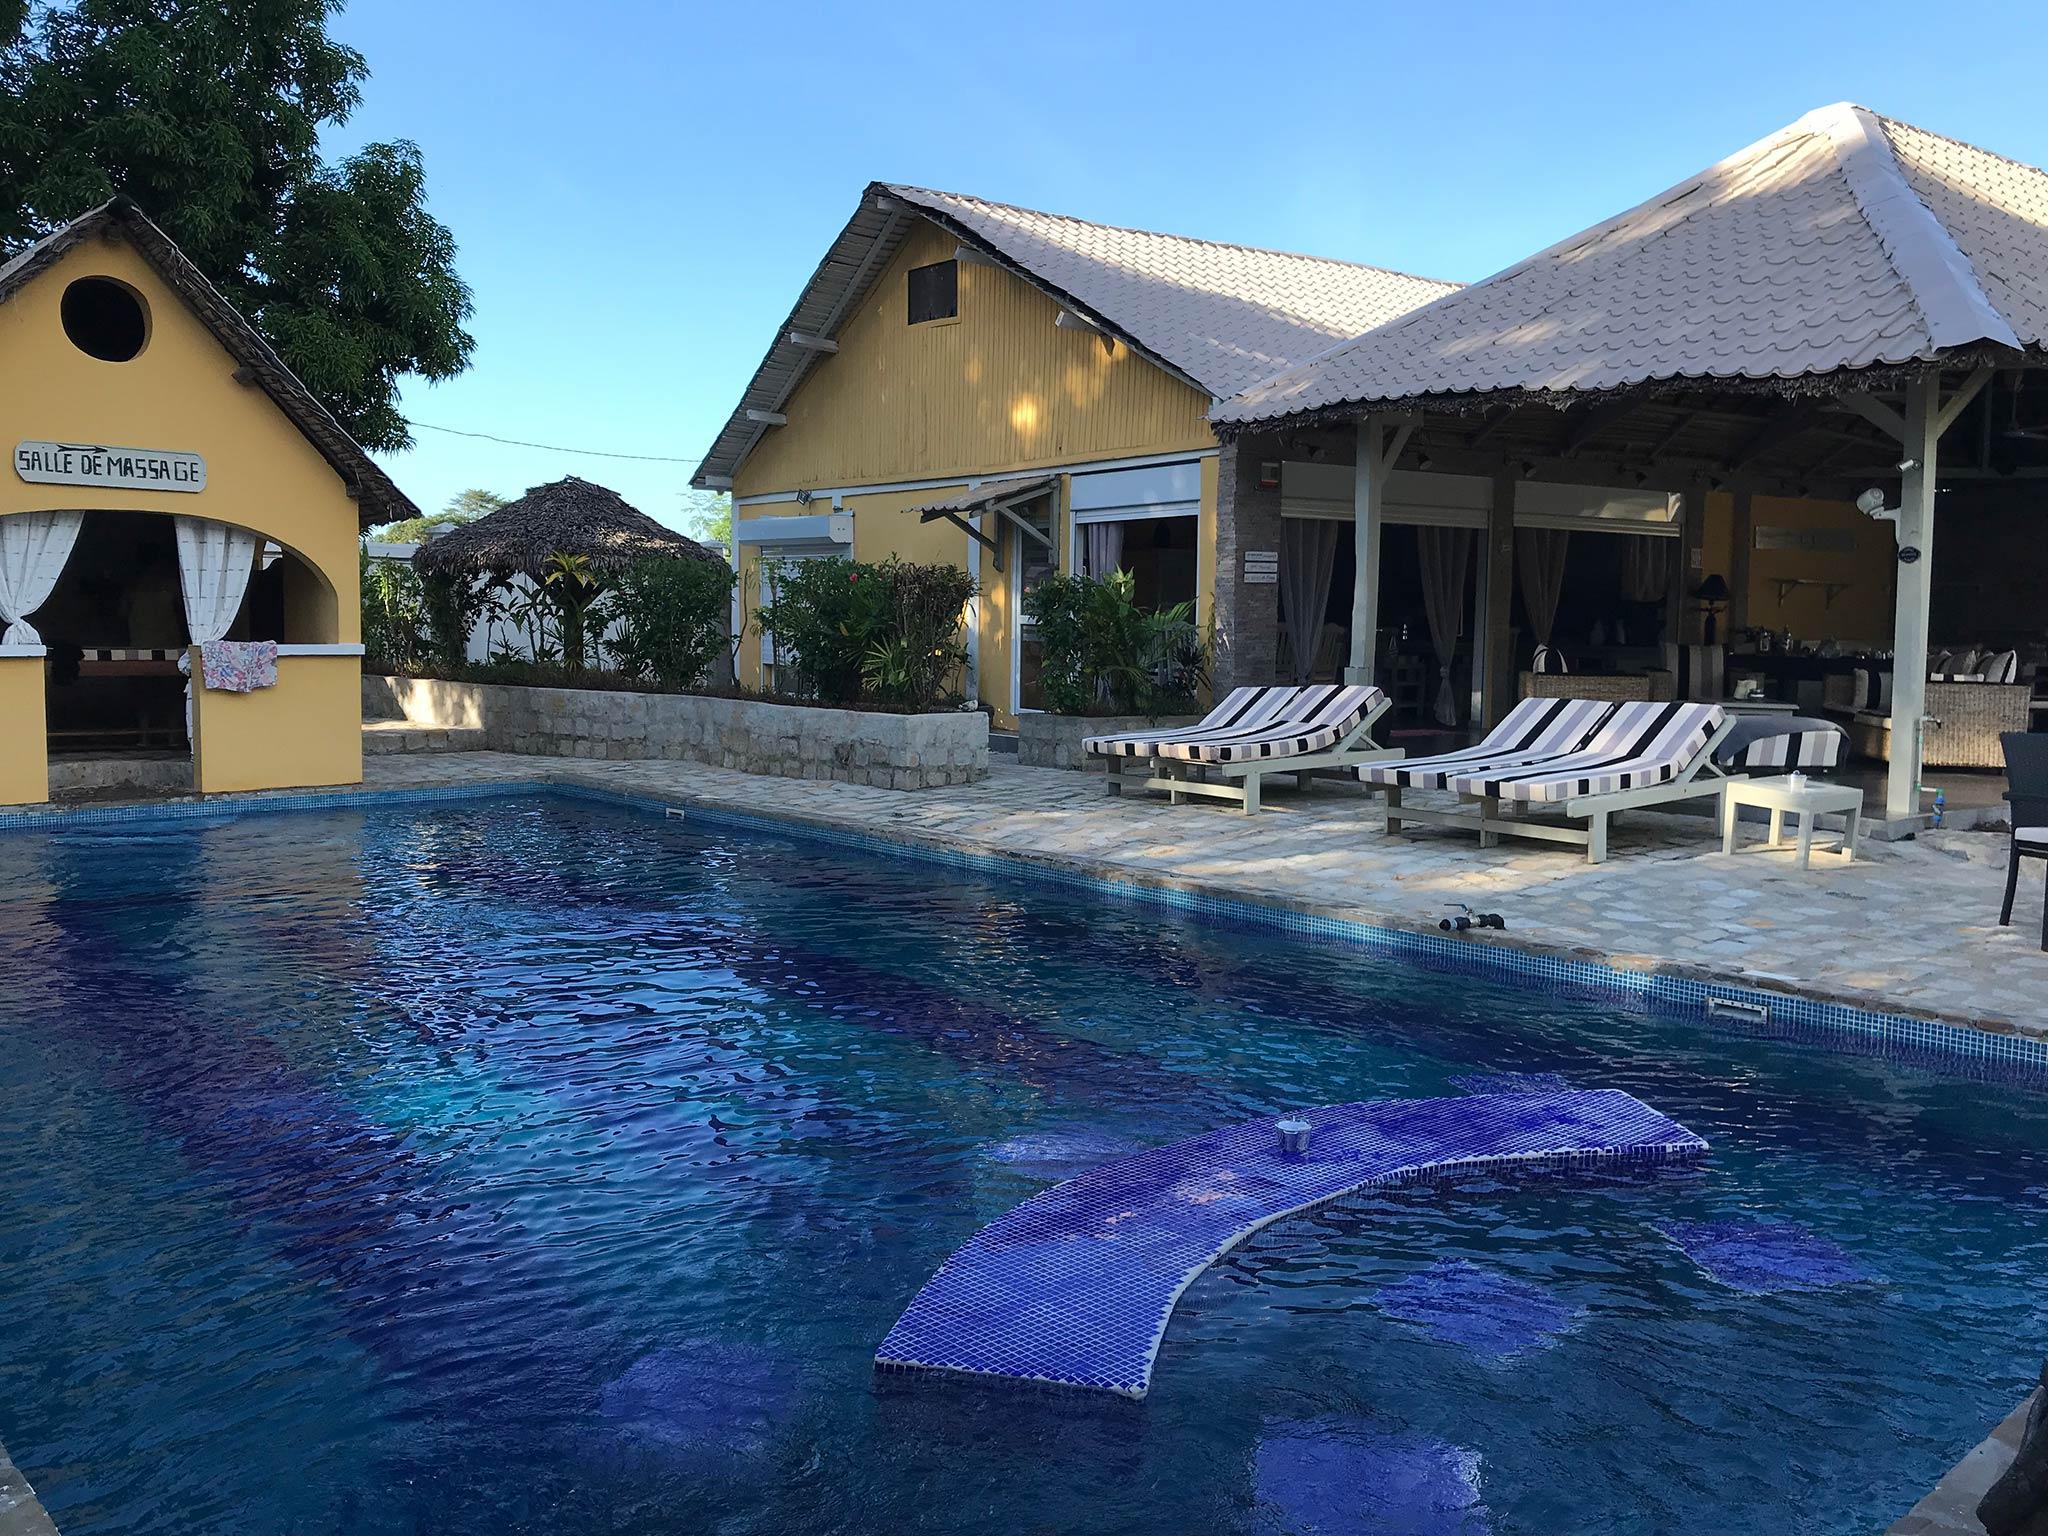 Entspannen Sie sich den ganzen Tag ber am Pool und genieen Sie die Annehmlichkeiten Ihres Bungalows